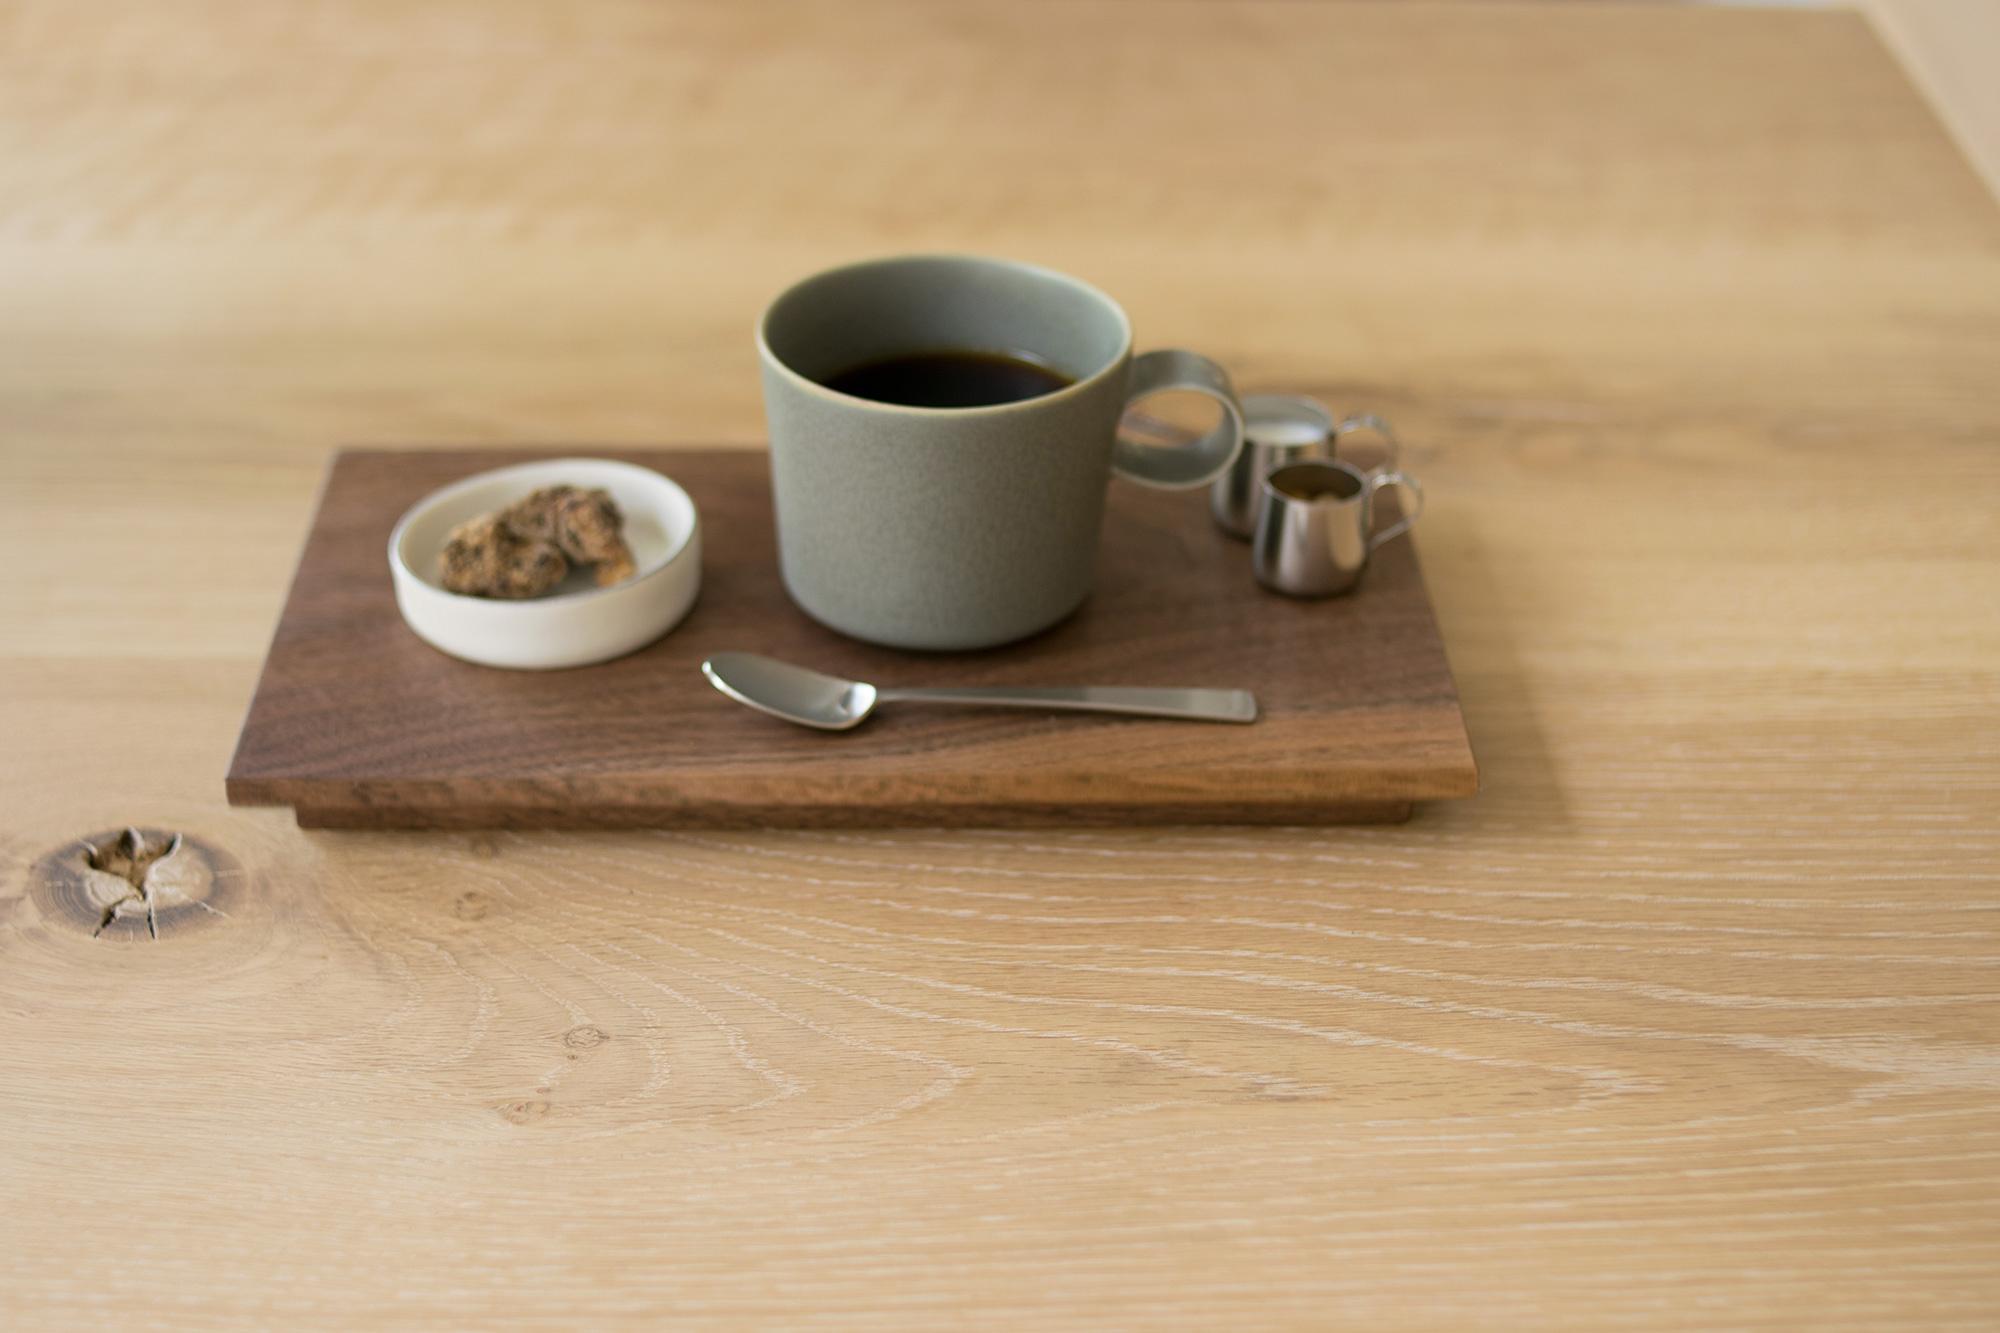 ウォールナットブレンドホットコーヒーとクルミのお菓子のセット